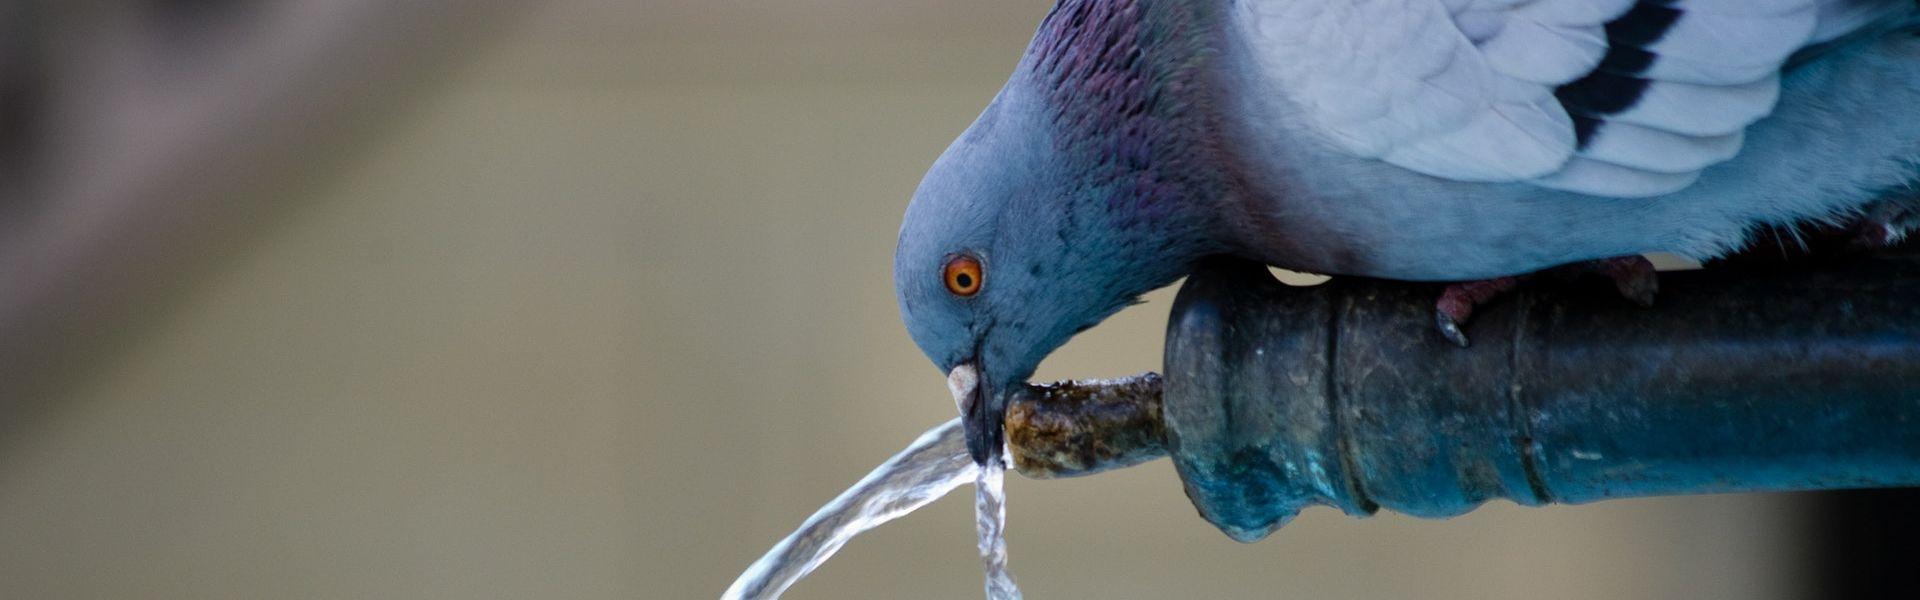 Duif die water drinkt bij het versje 'Stuntduif' van Paul Schrijft